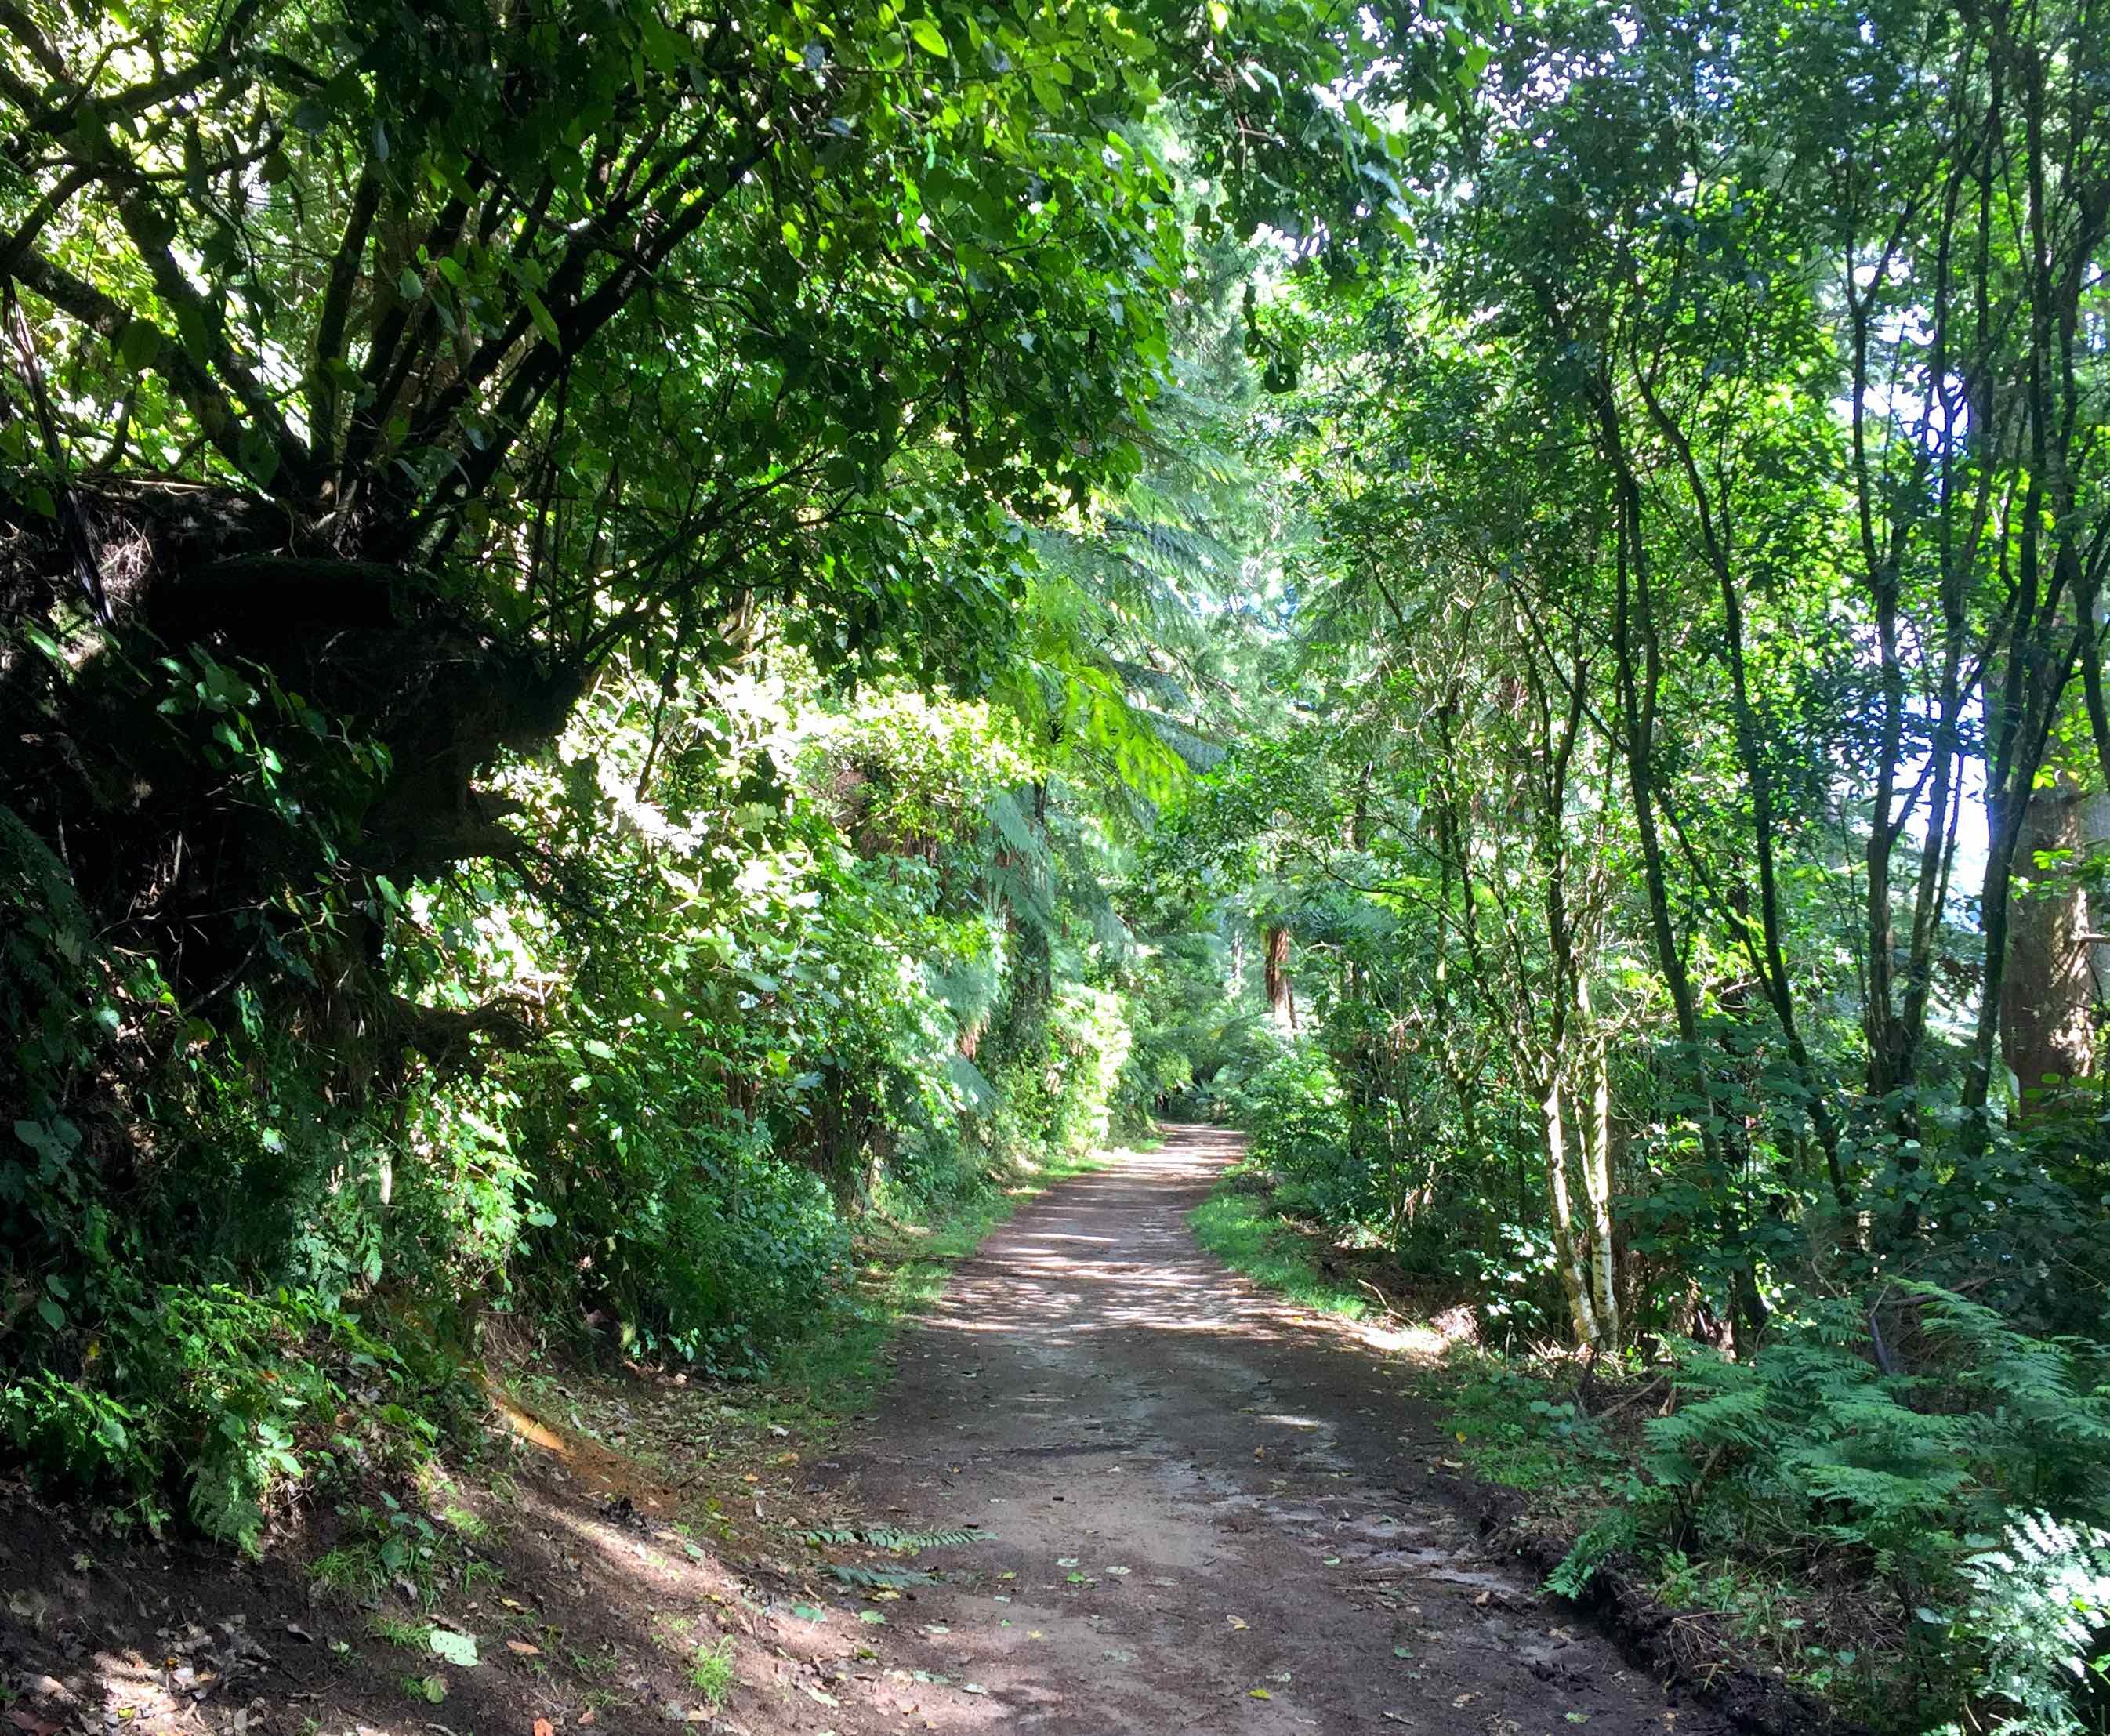 緑のトンネル。道は平坦で歩きやすい